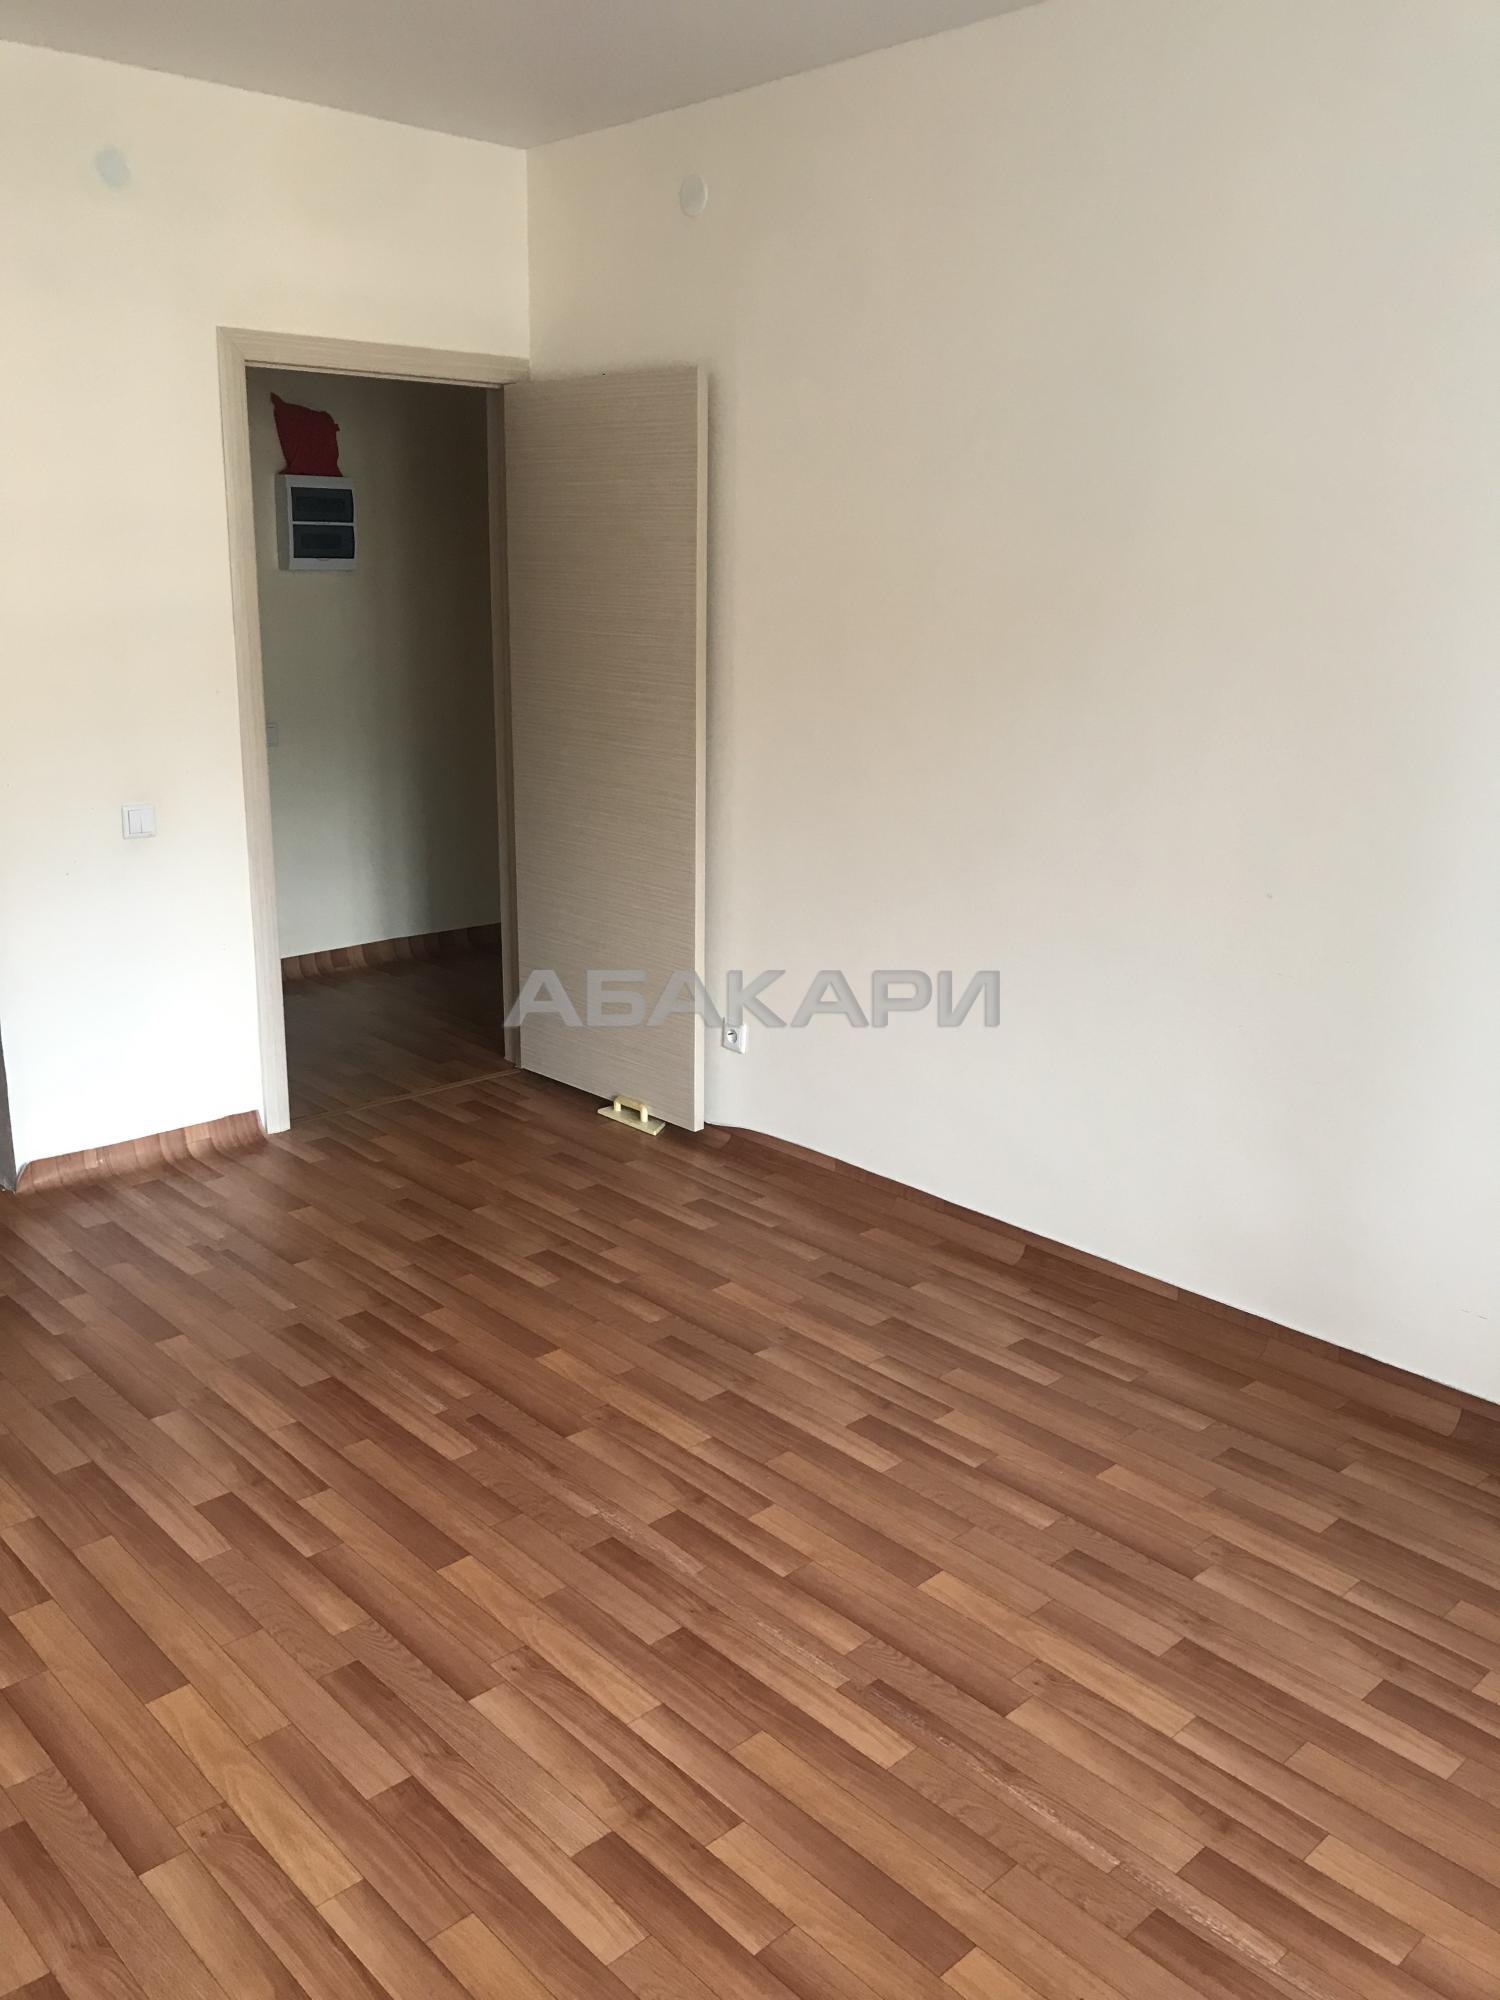 1к квартира улица Карамзина, 20 11/14 - 38кв | 13000 | аренда в Красноярске фото 1